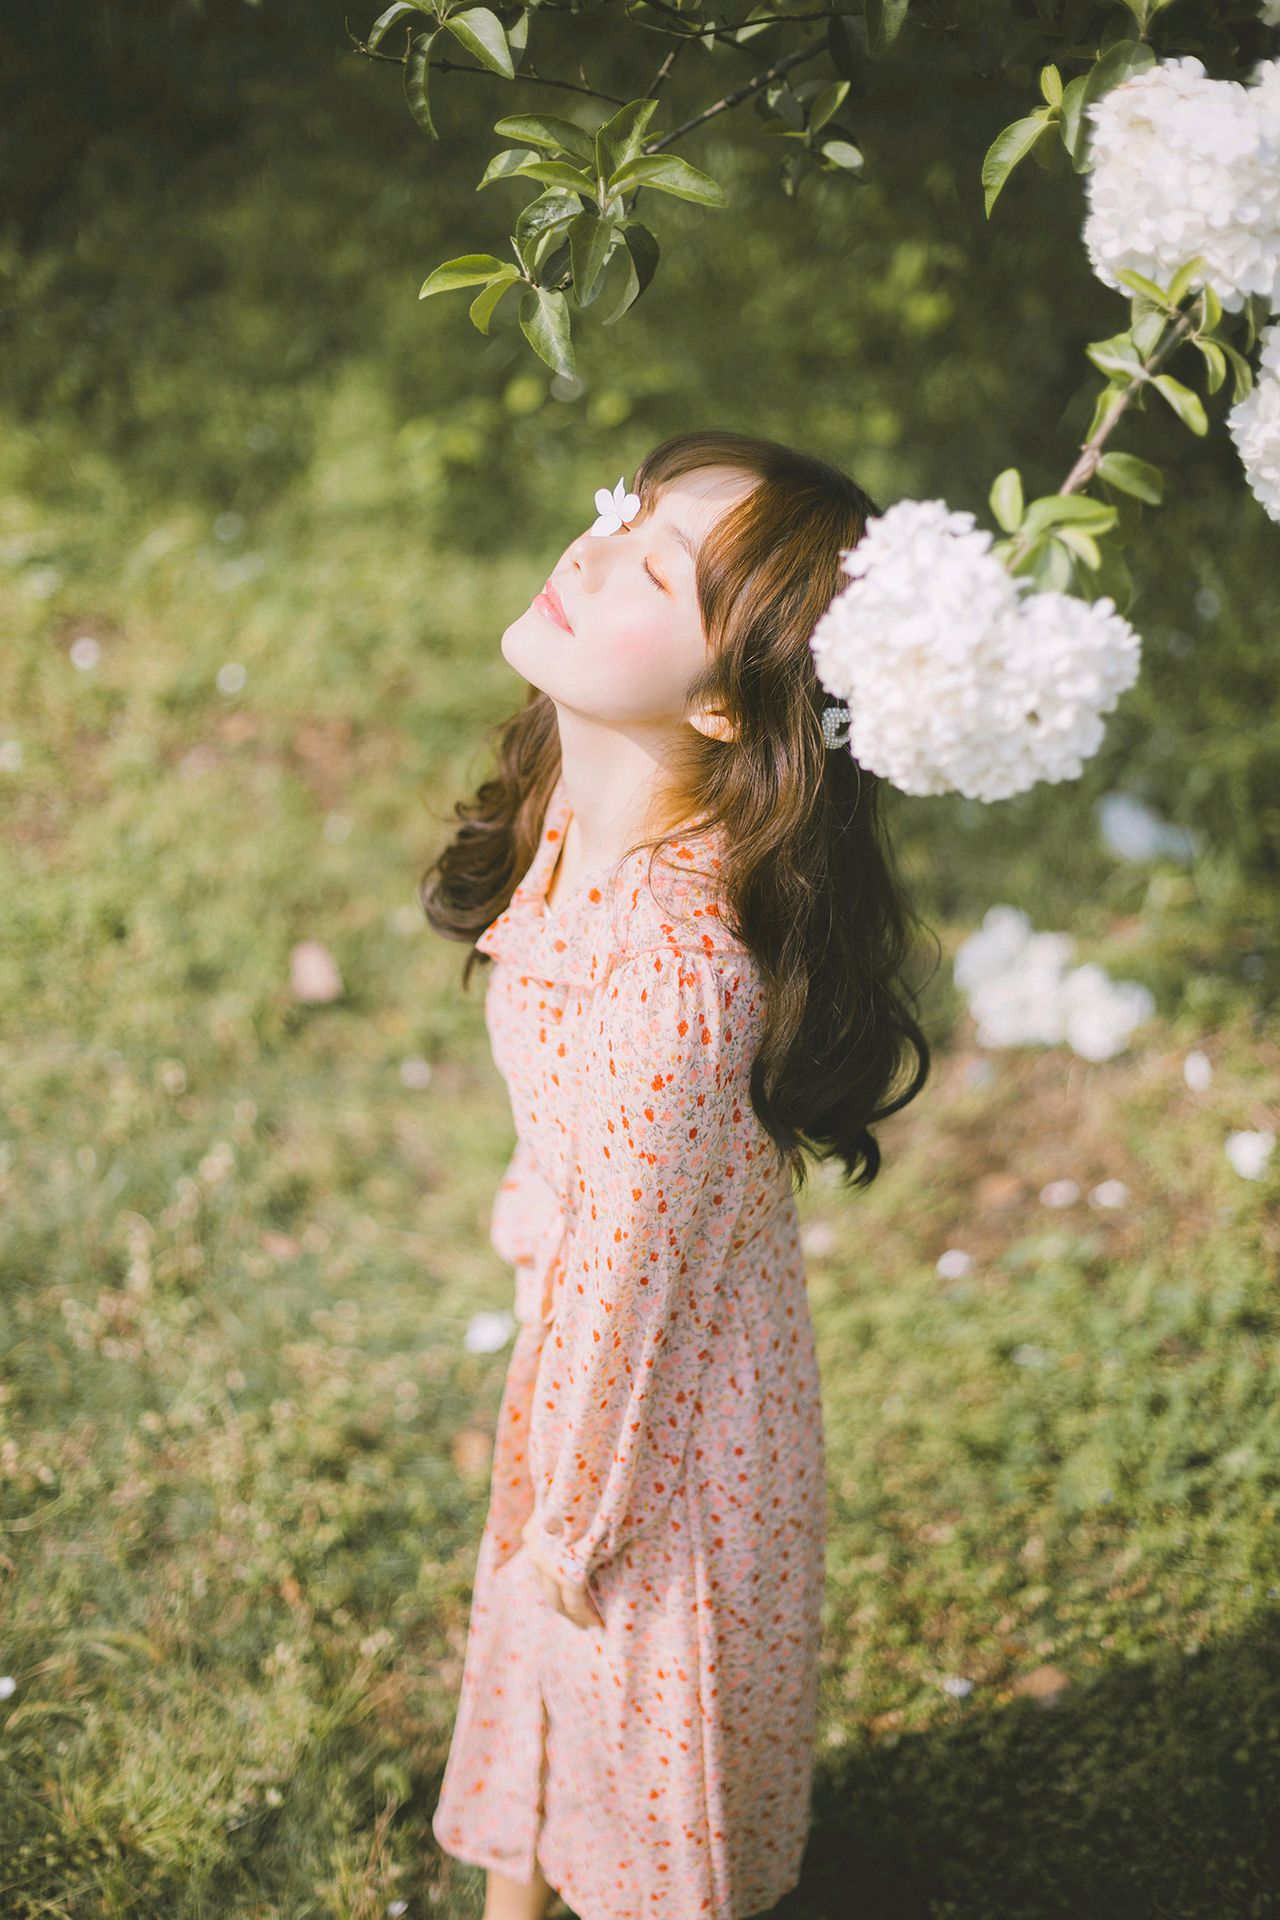 人气单品/温柔气质碎花连衣裙☞唯美清新,美出新高度!